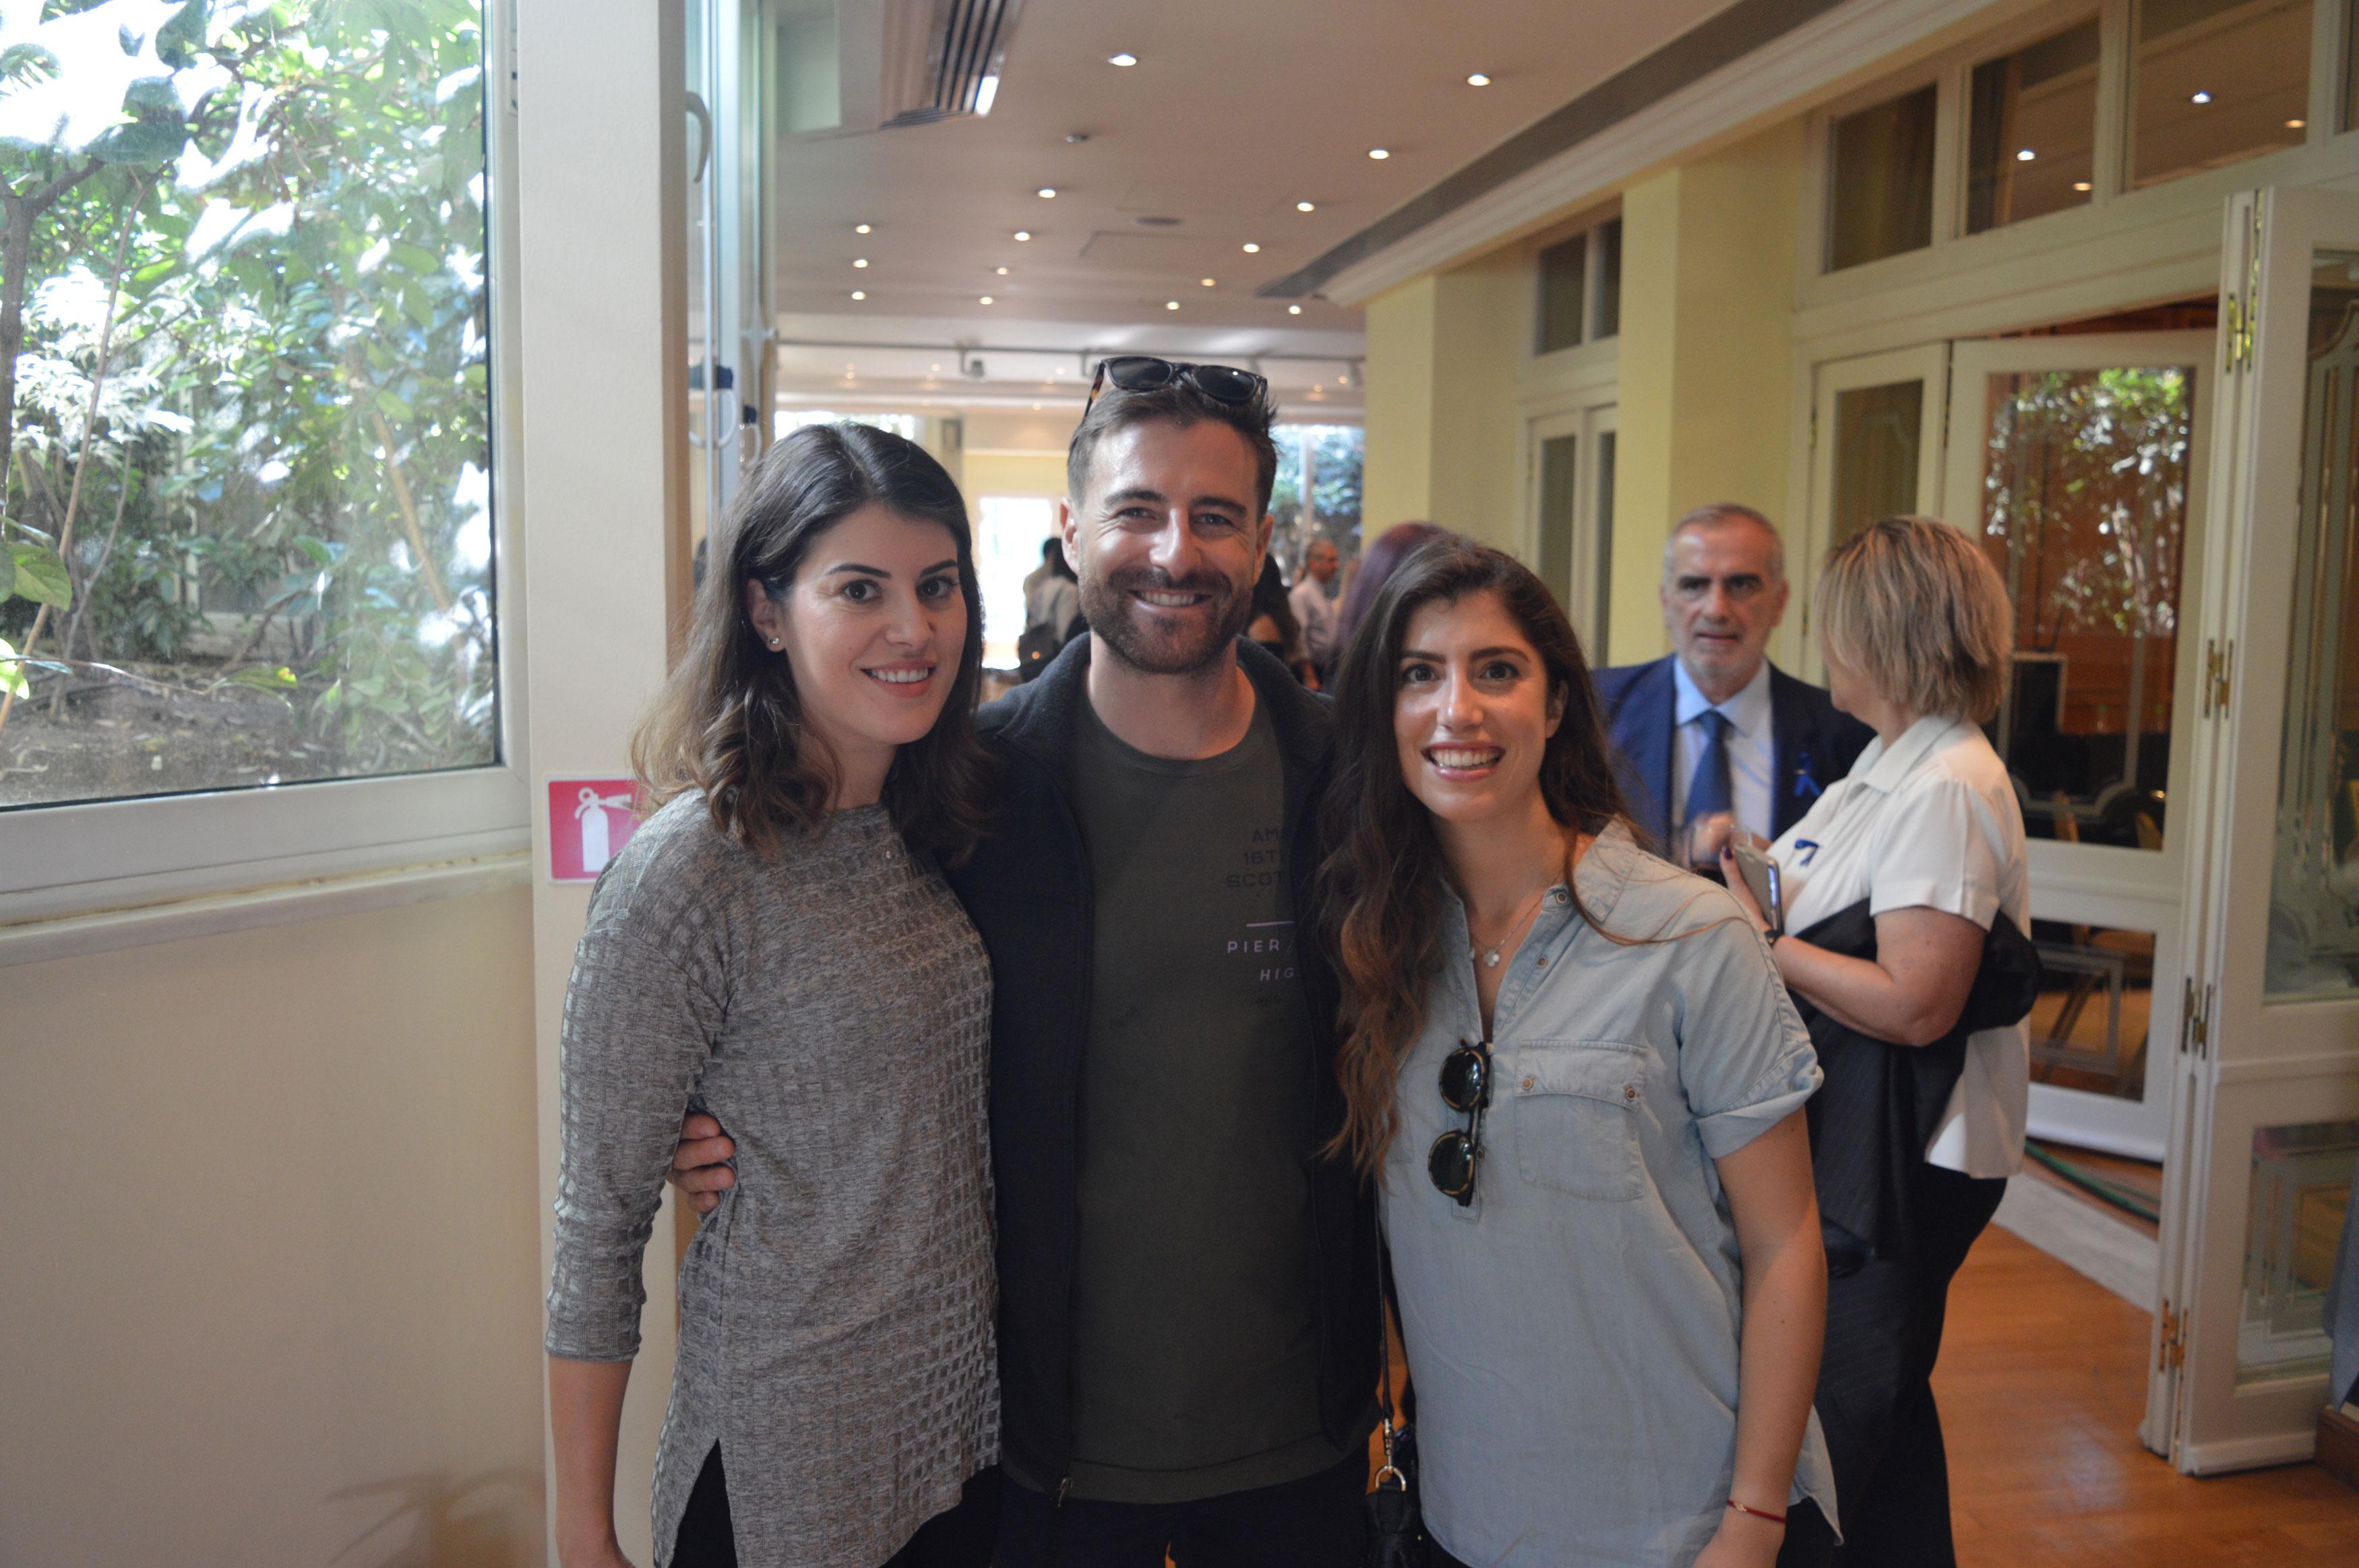 Από αριστερά Αγγελική Γκούβαλη και τα στελέχη του ΟΗΕ Philippe Greinacher και Χριστίνα Γκούβαλη.